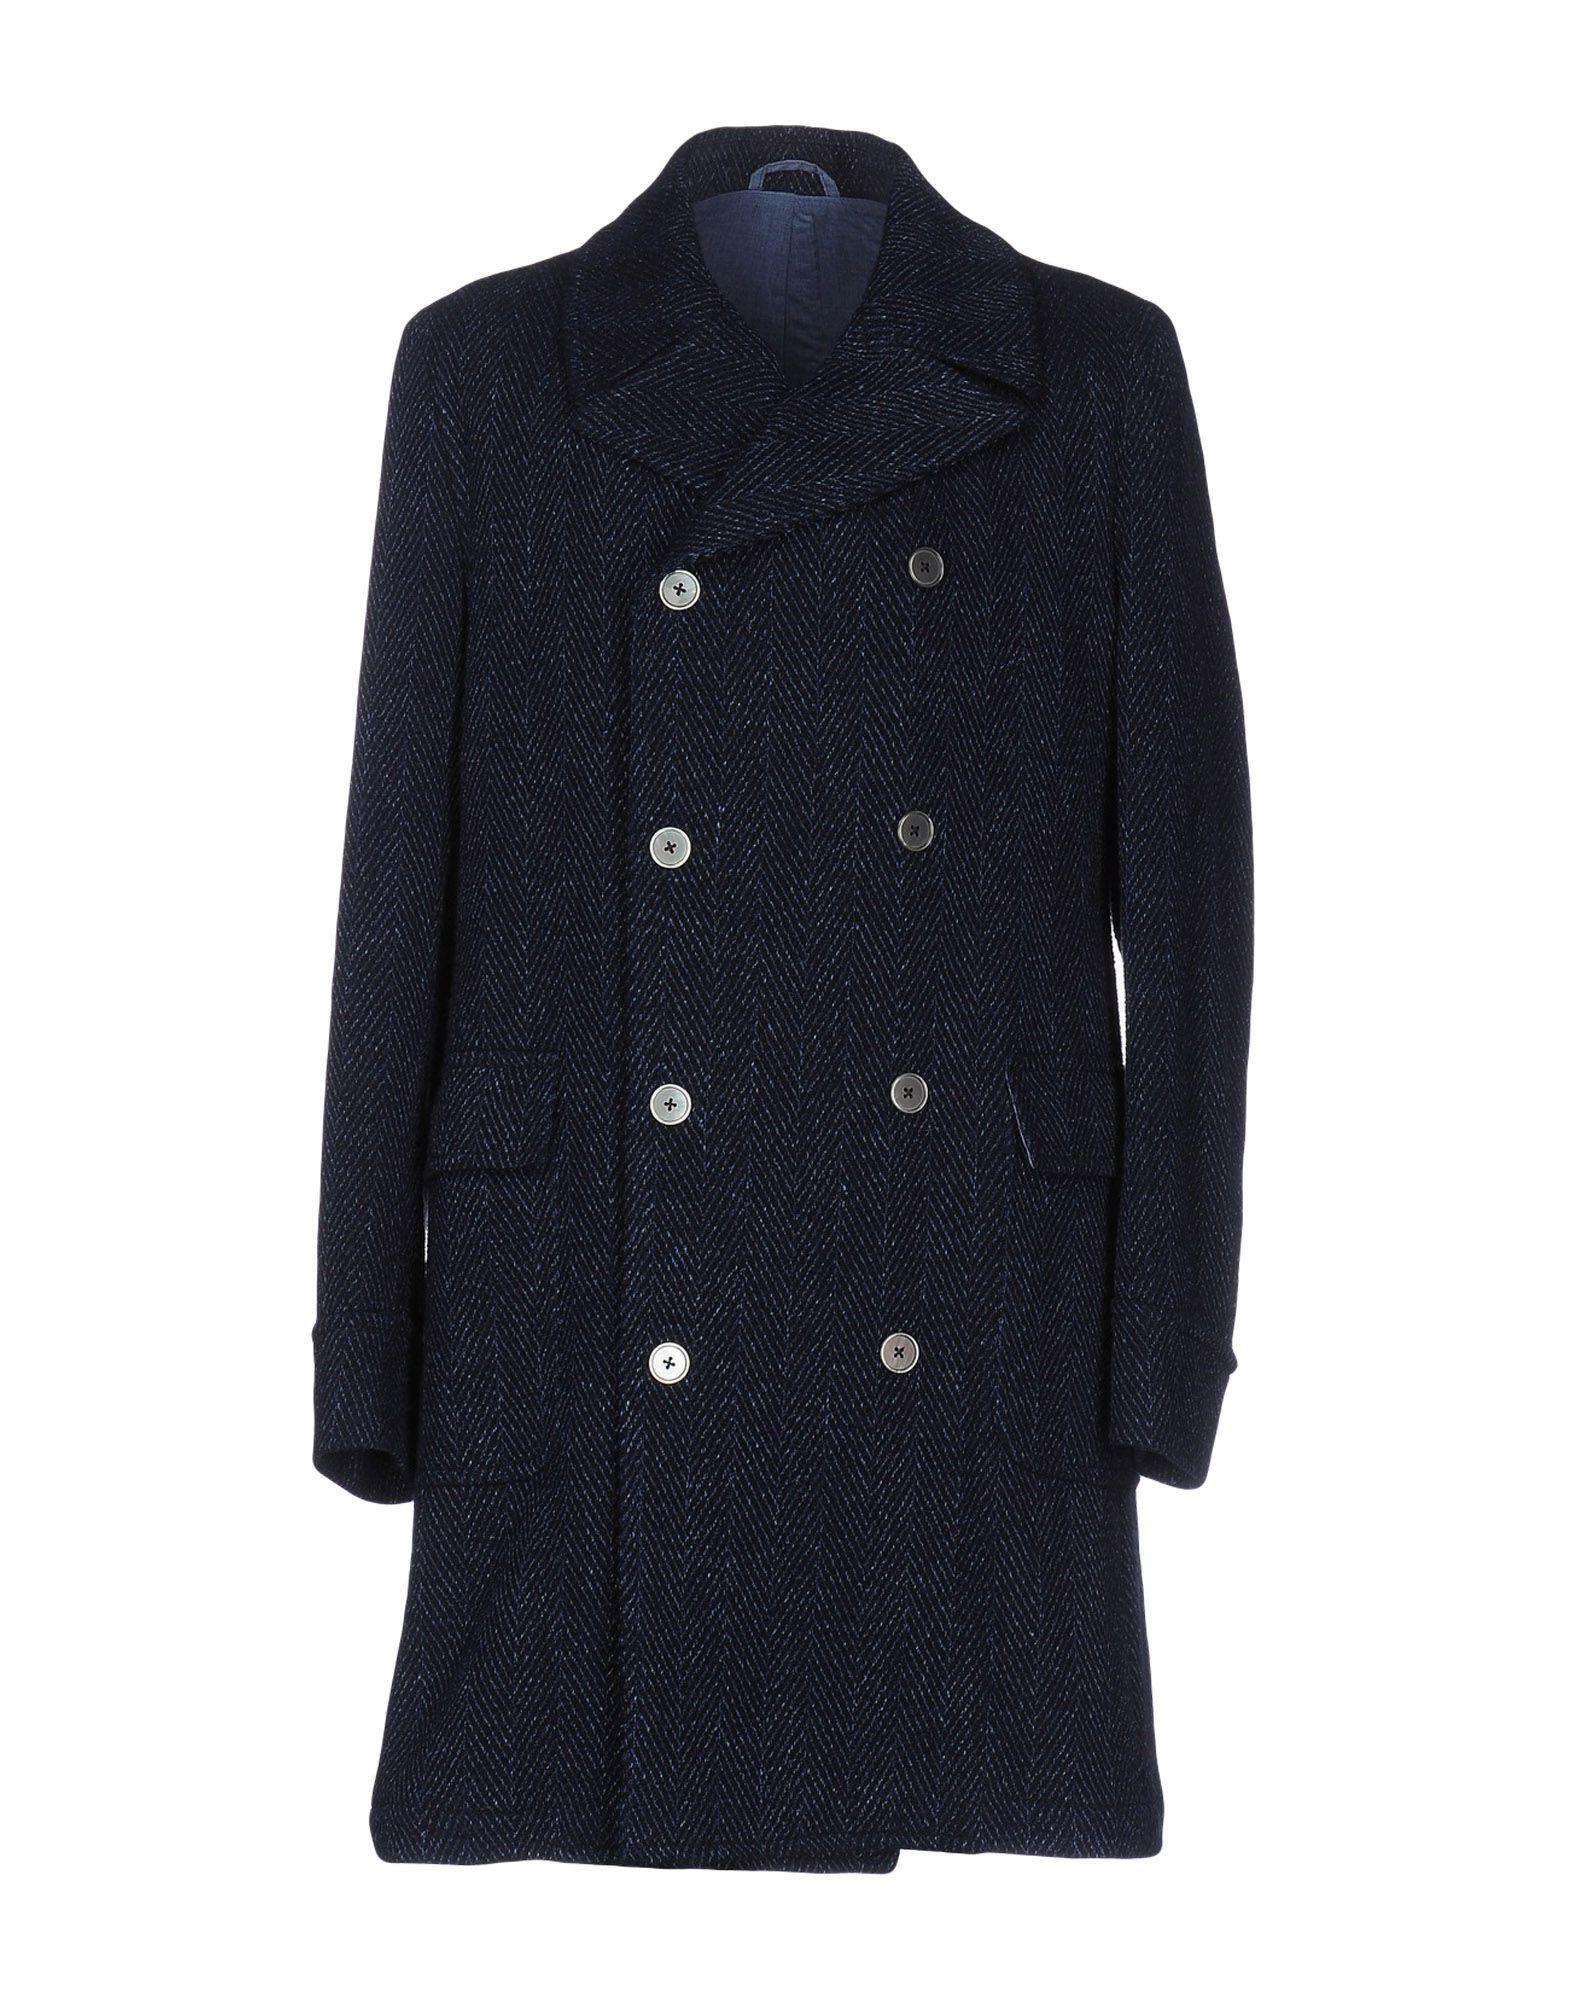 JOHN SHEEP Пальто полуприлегающее пальто с натуральным мехом visconf